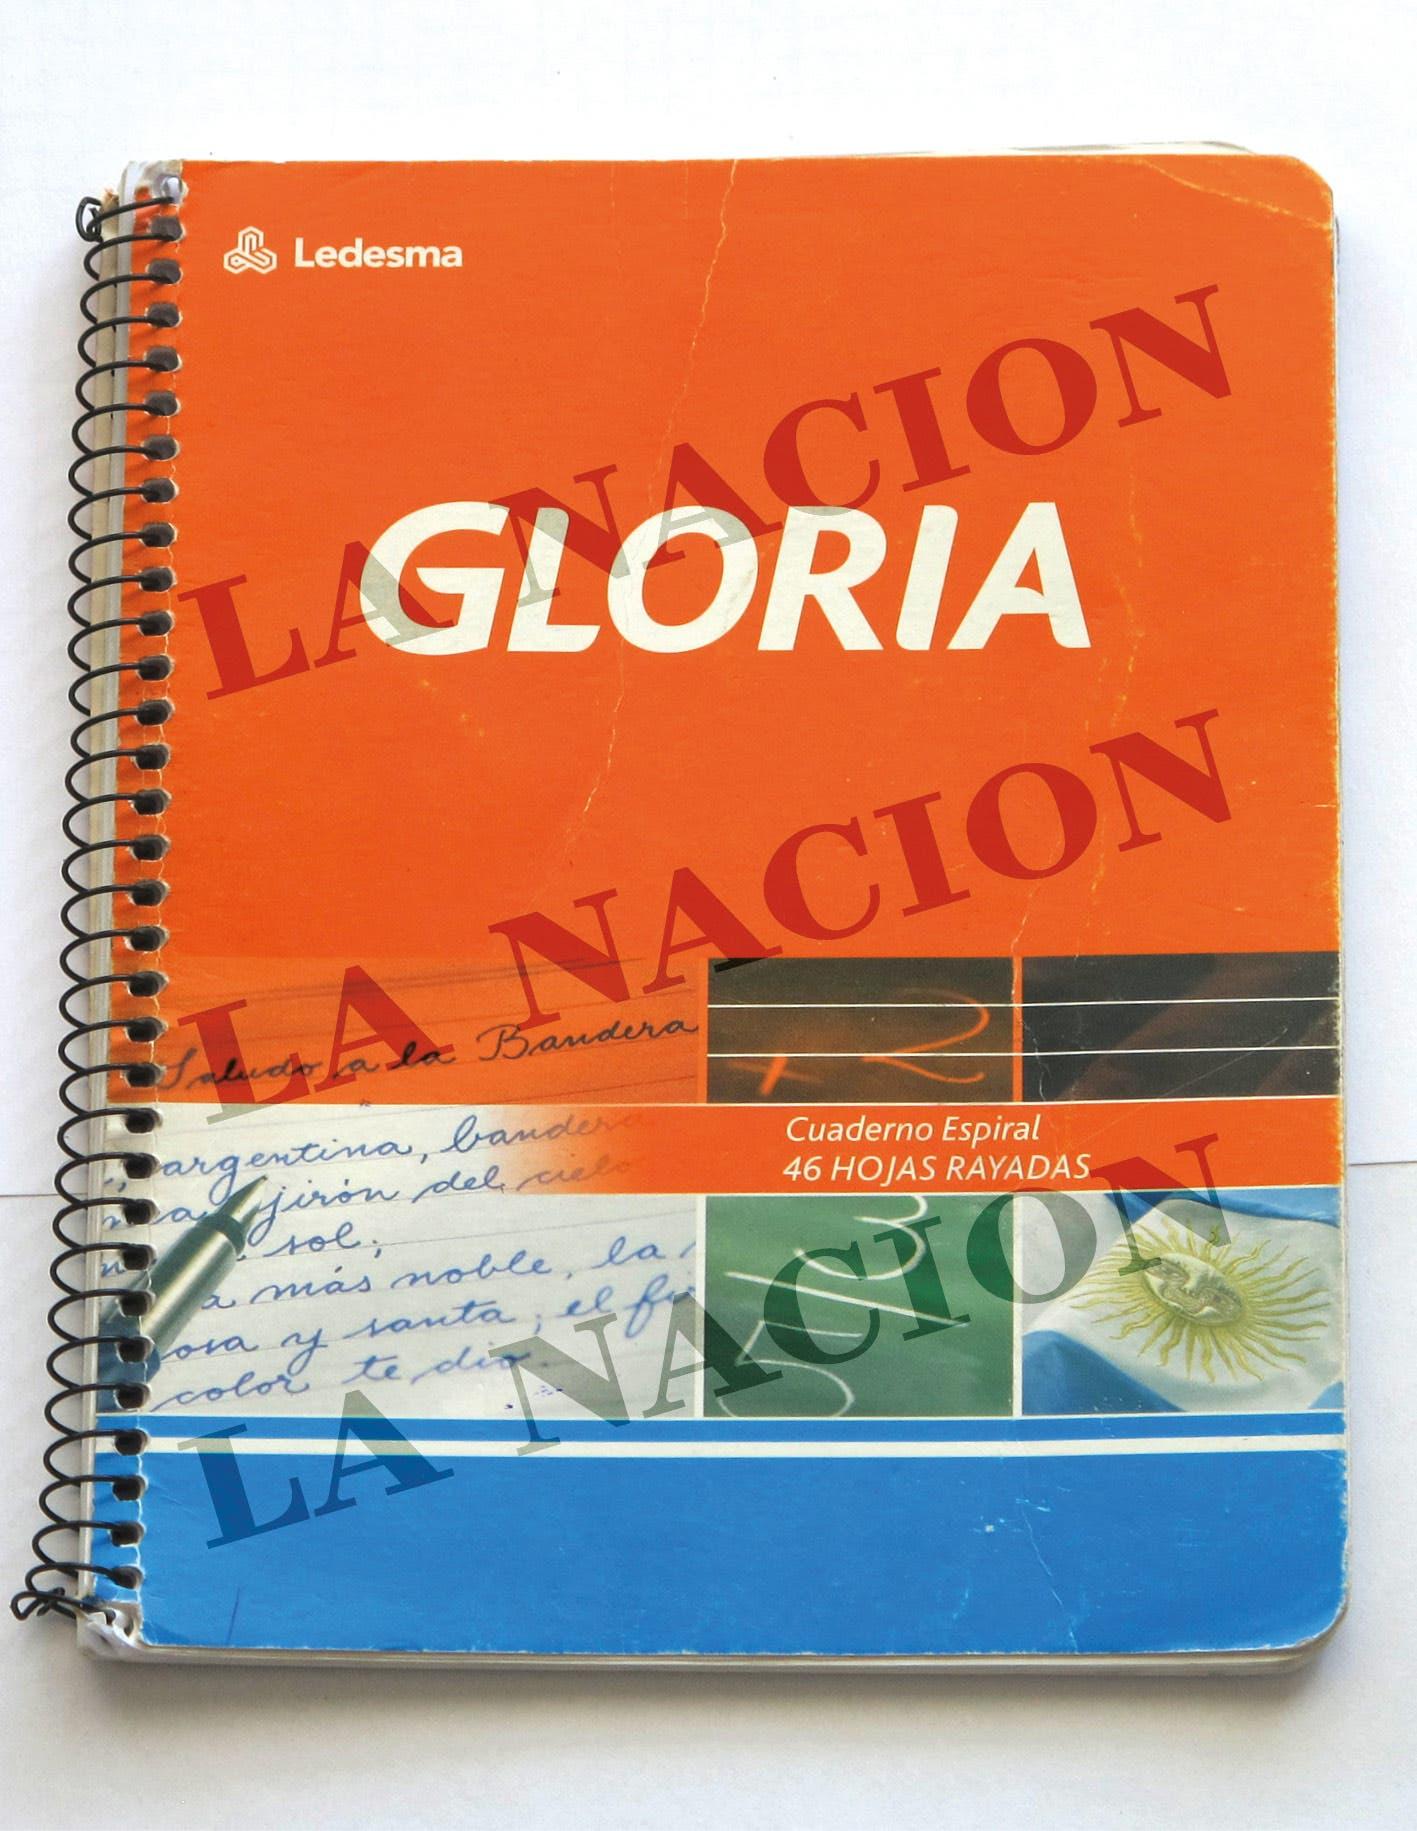 El último cuaderno de Centeno: nervios y días frenéticos de los recaudadores antes de perder el poder